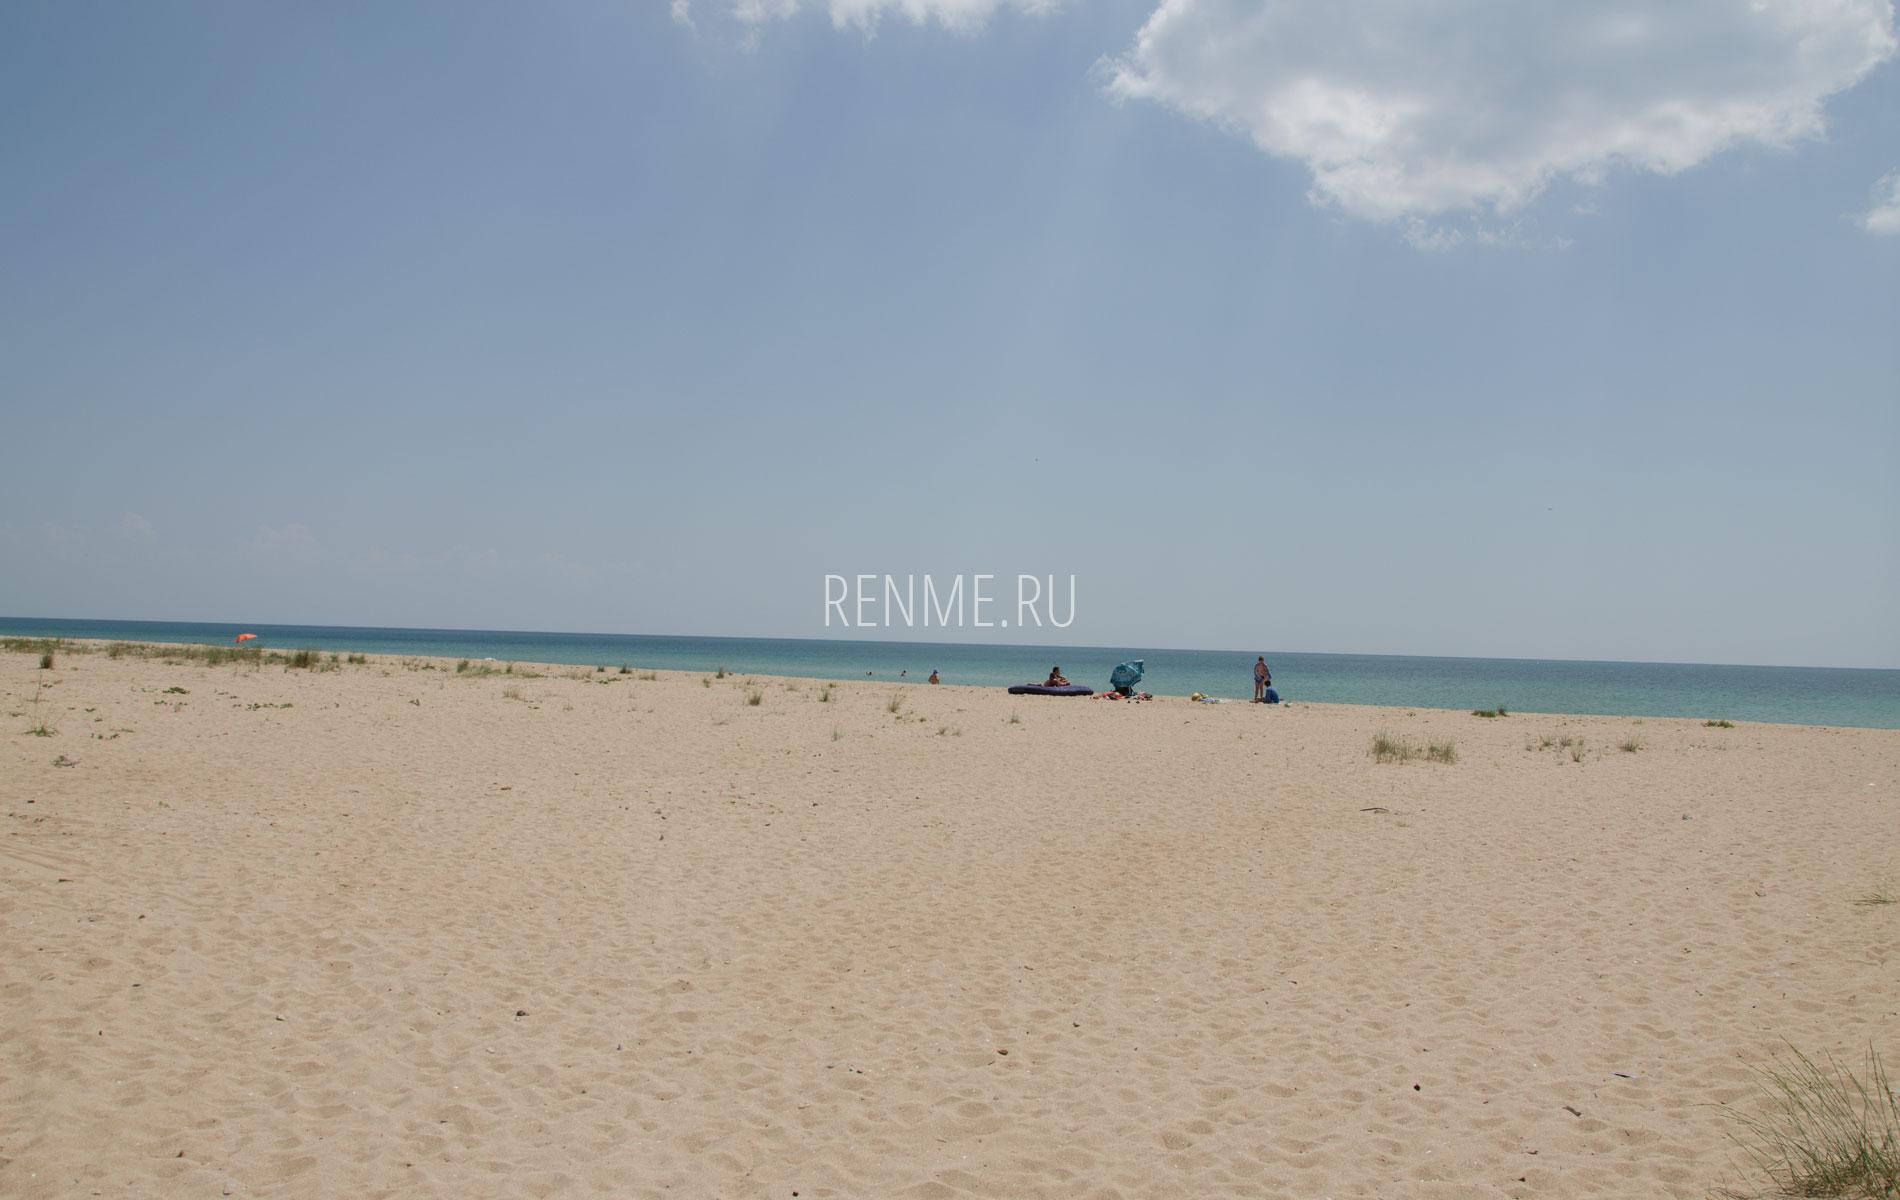 Дикий пляж в Молочном, лето 2019. Фото Молочного